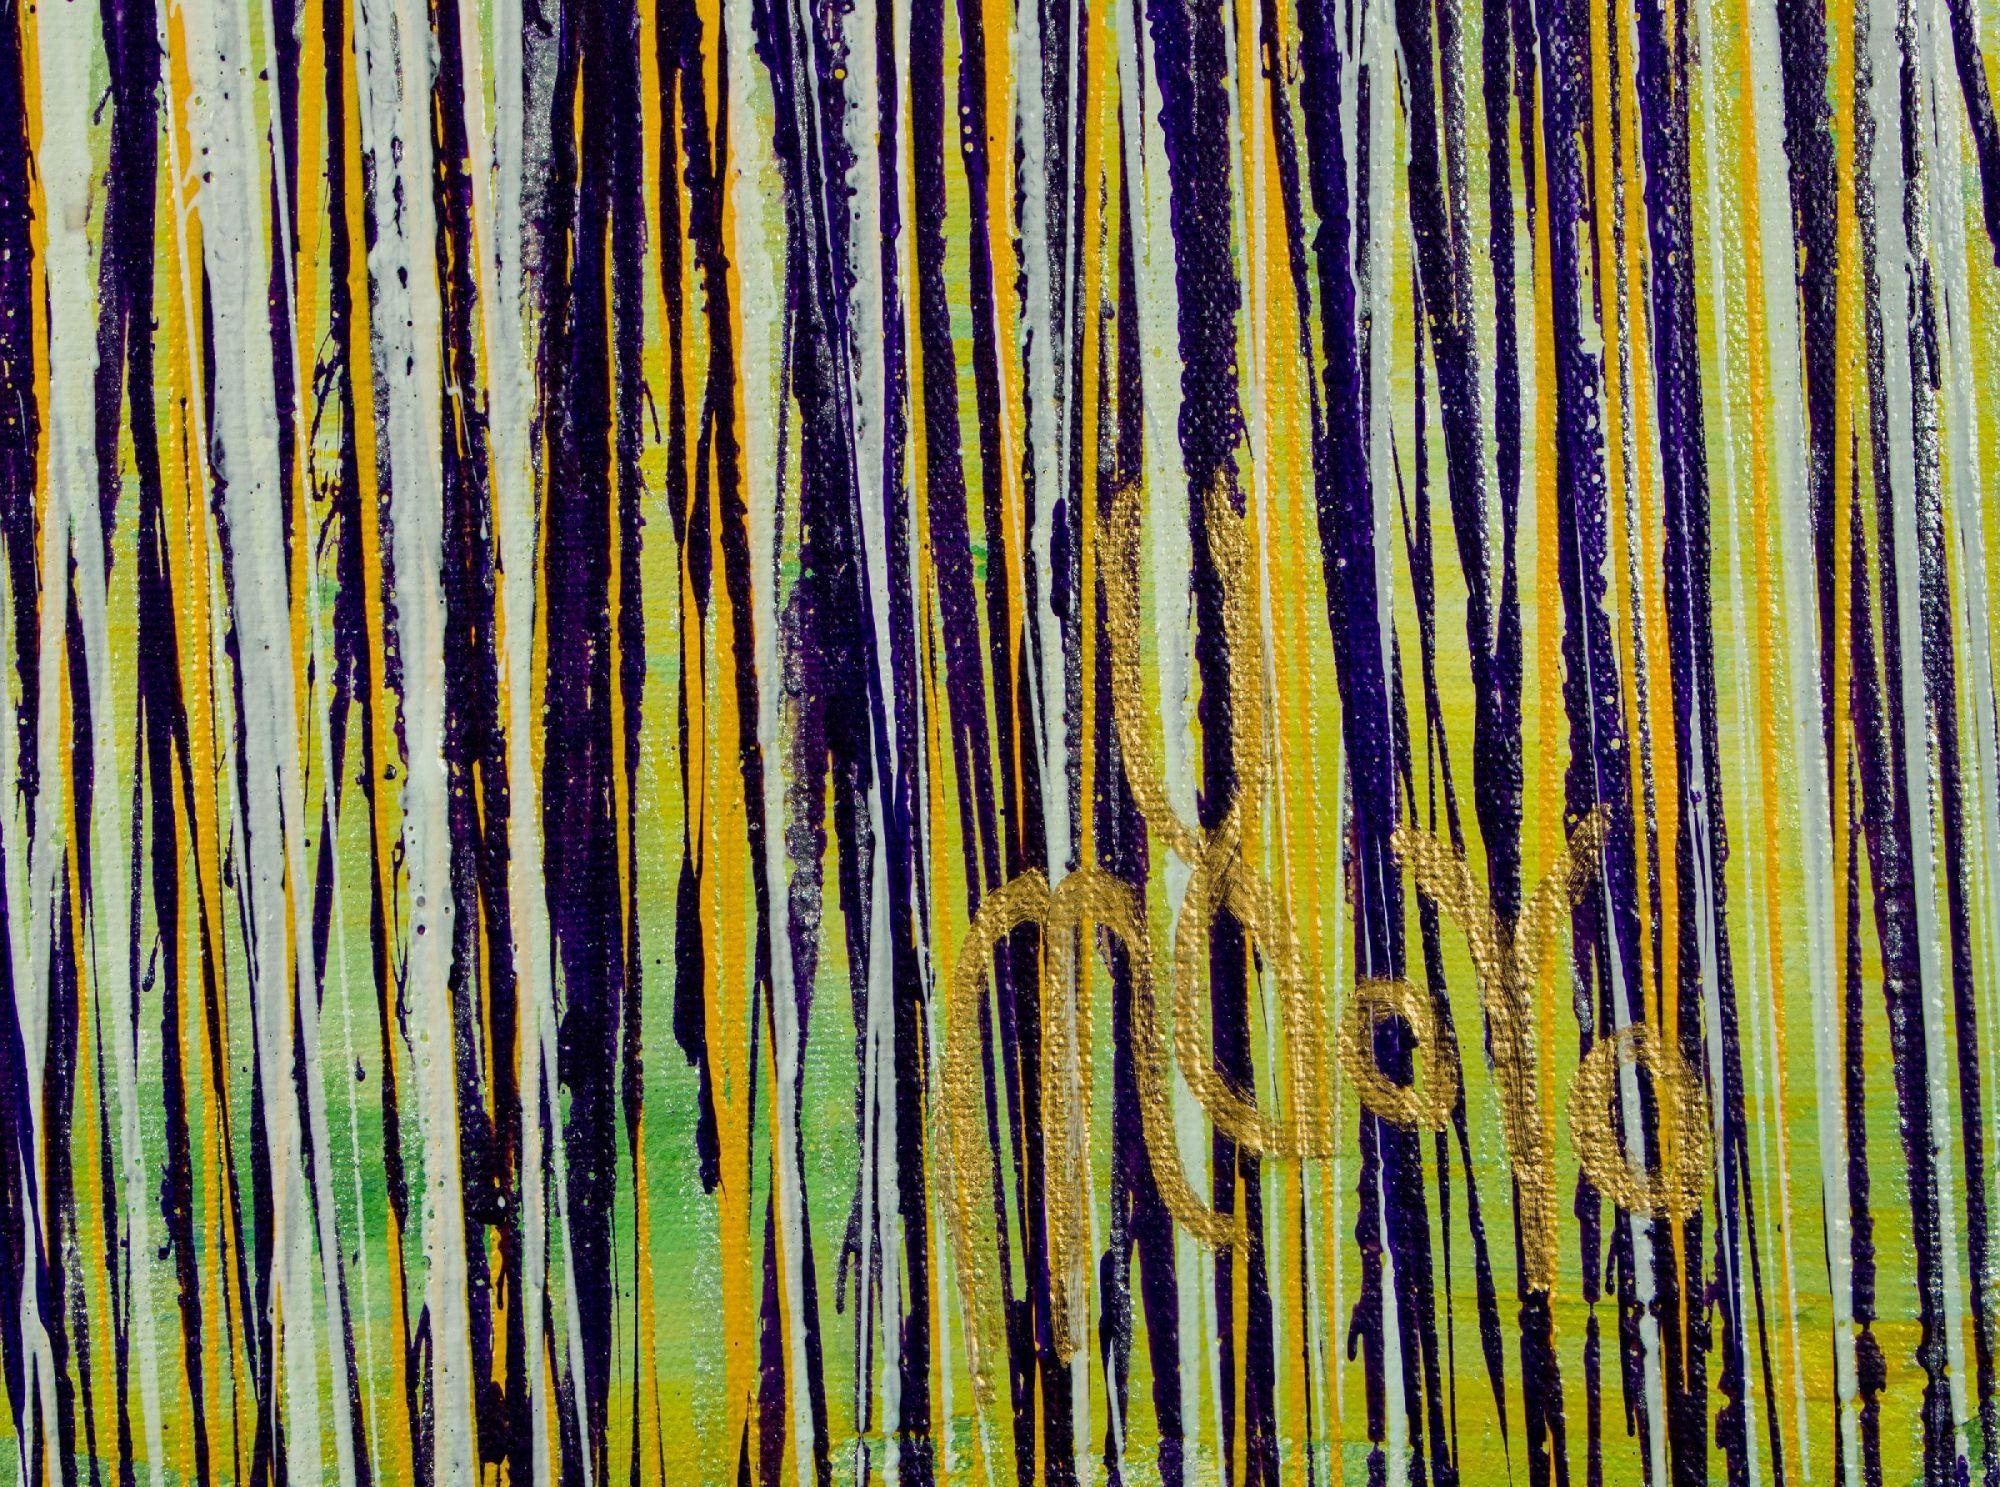 Signature / Glare Garden (Purple and Yellow Reflections) (2020) - Nestor Toro